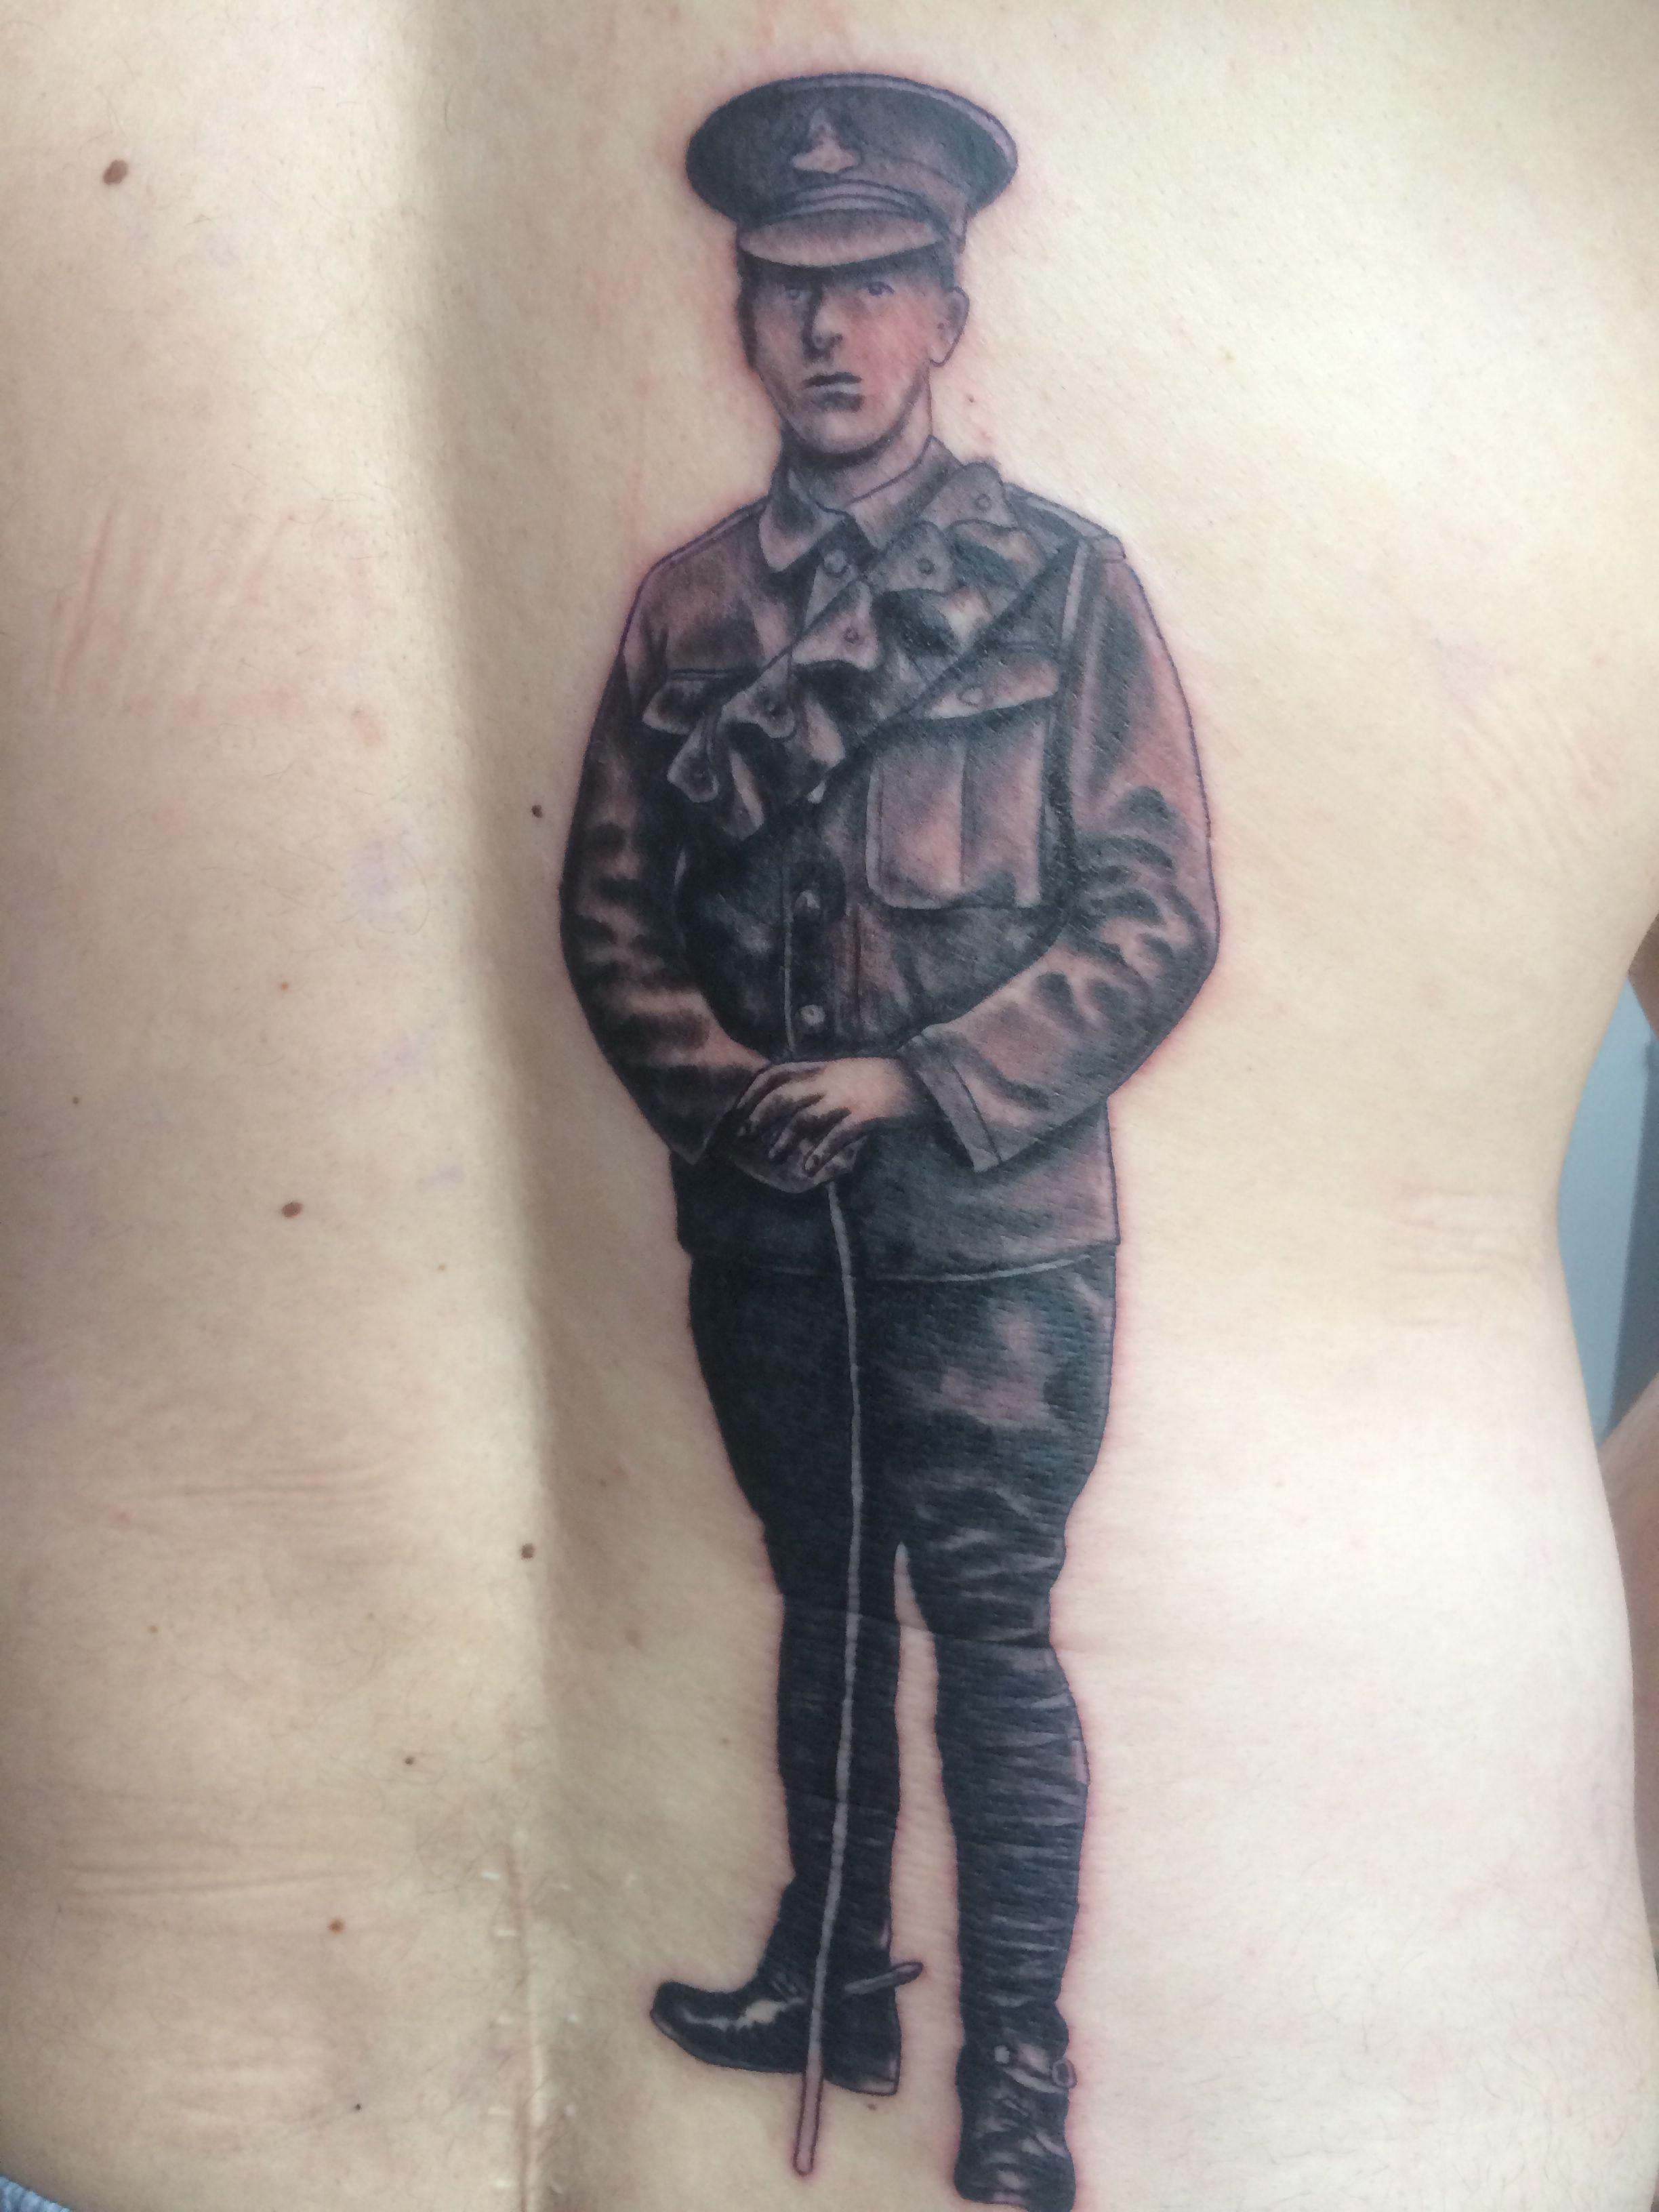 Field artillery tattoos